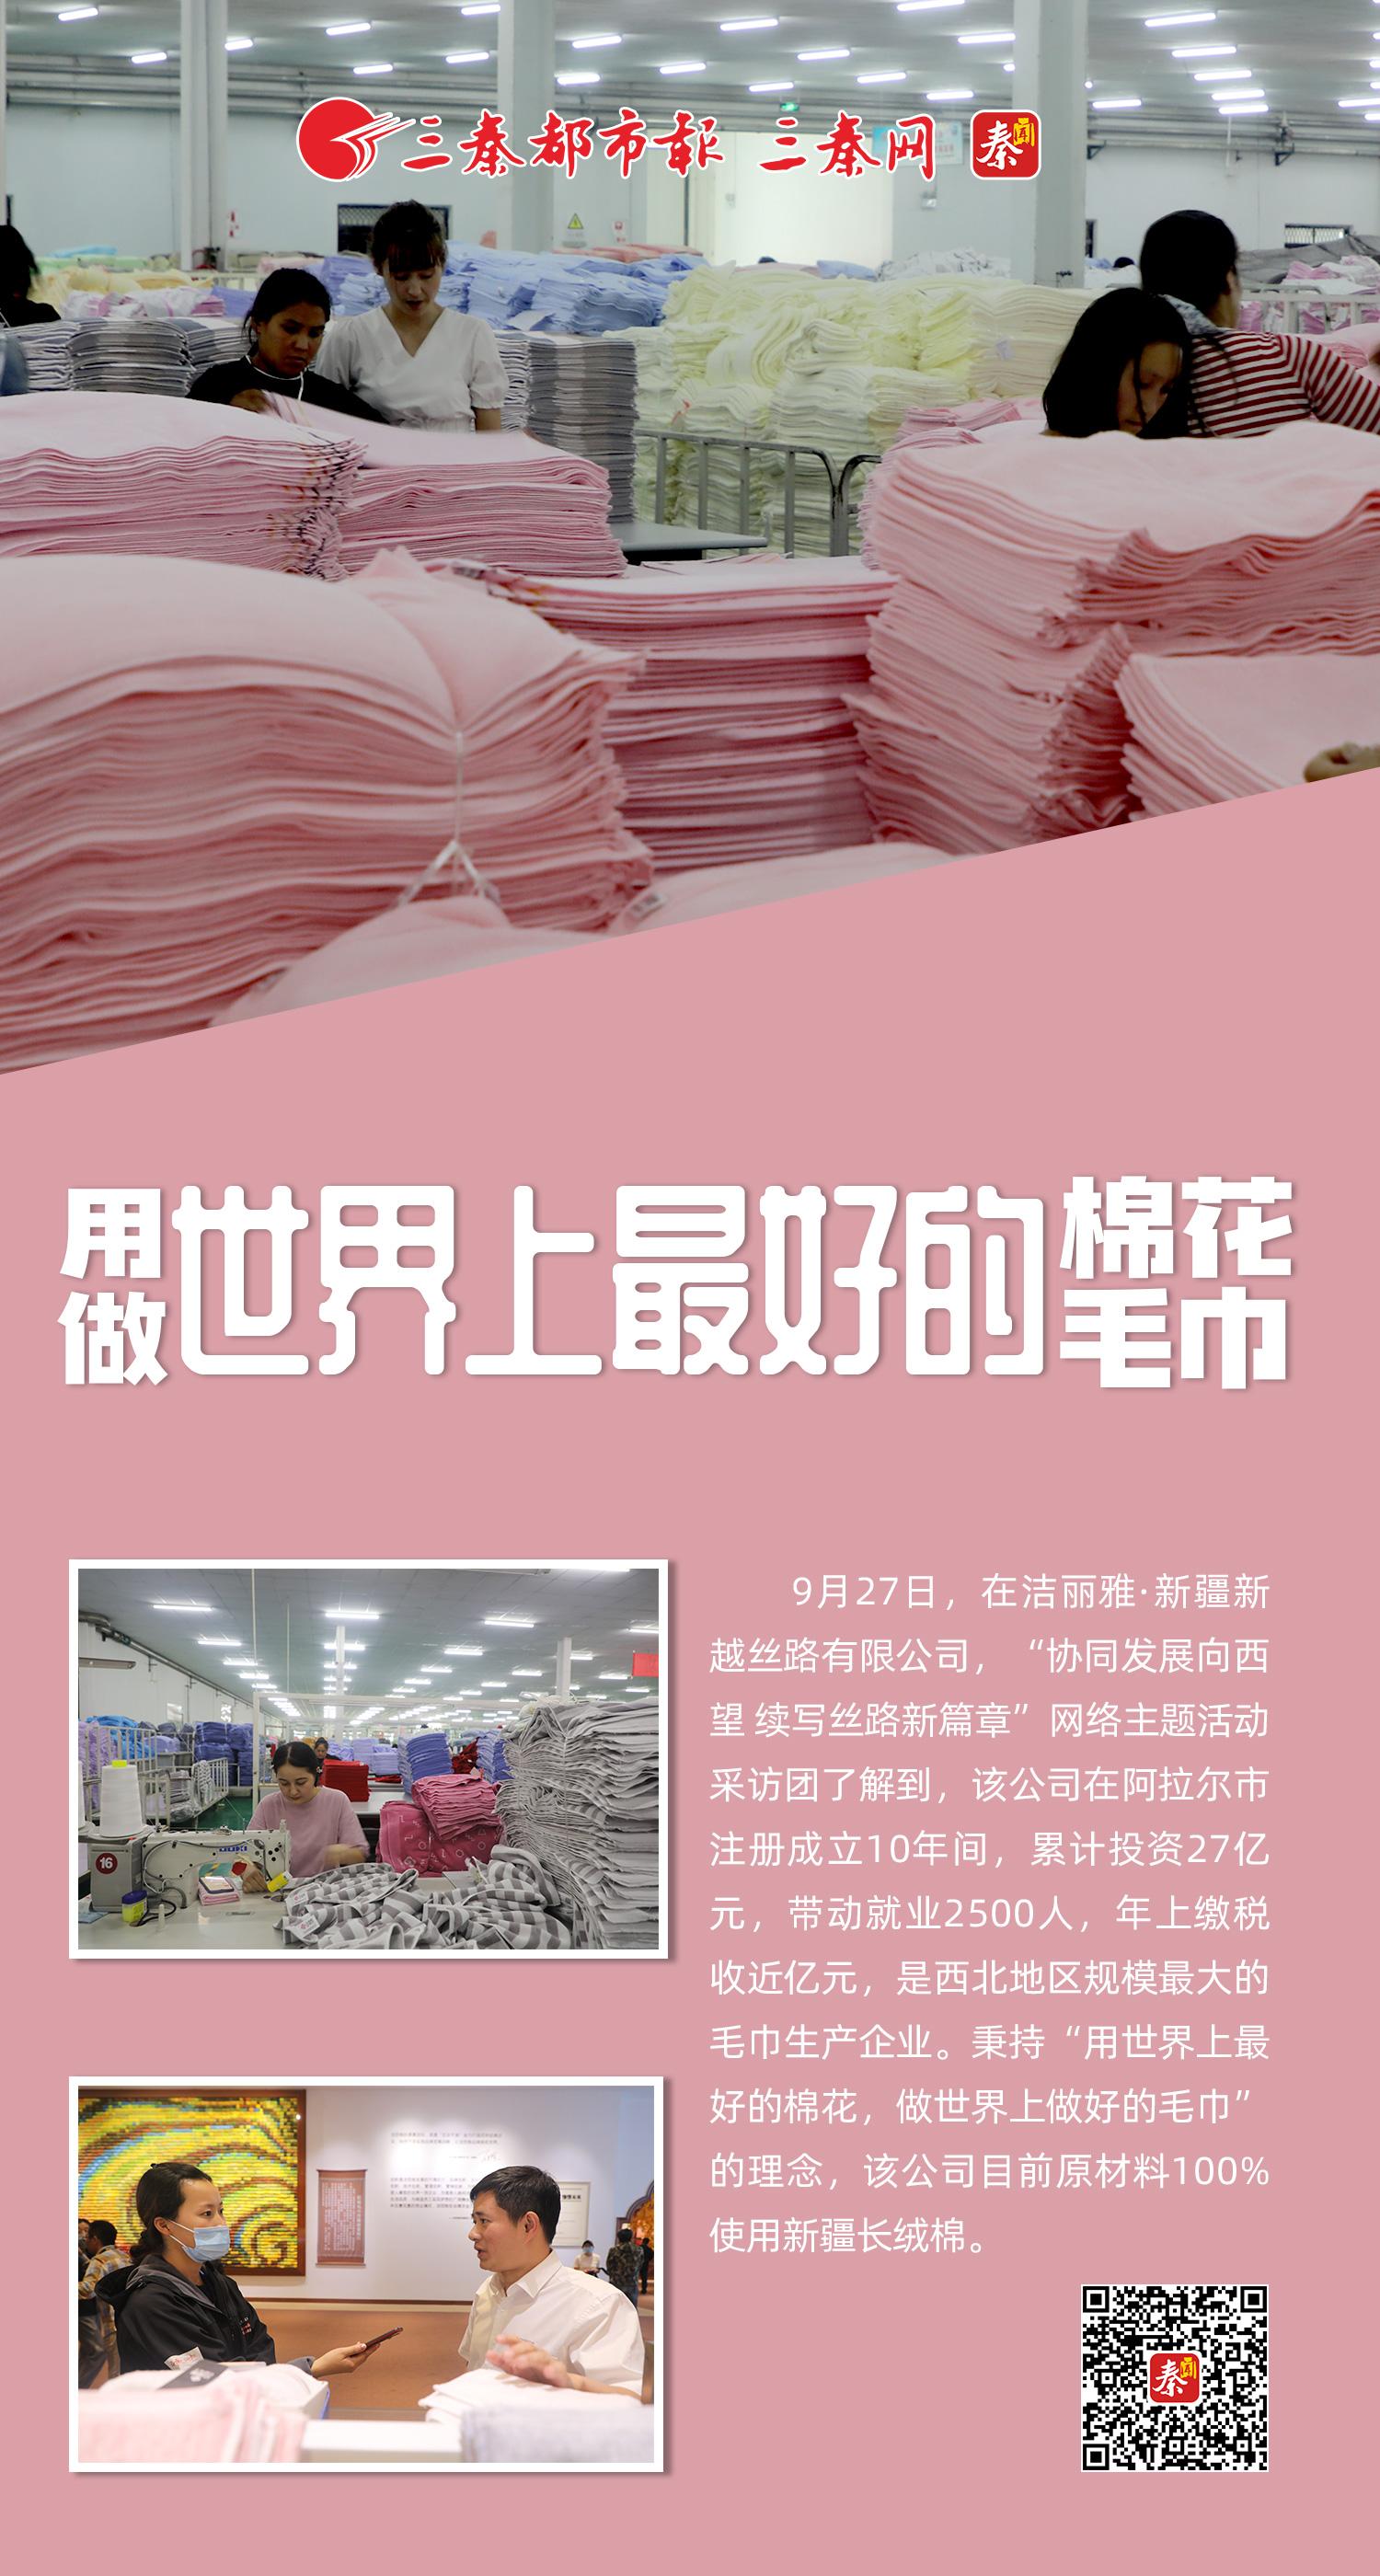 【续写丝路新篇章】用世界上最好的棉花做世界上最好的毛巾